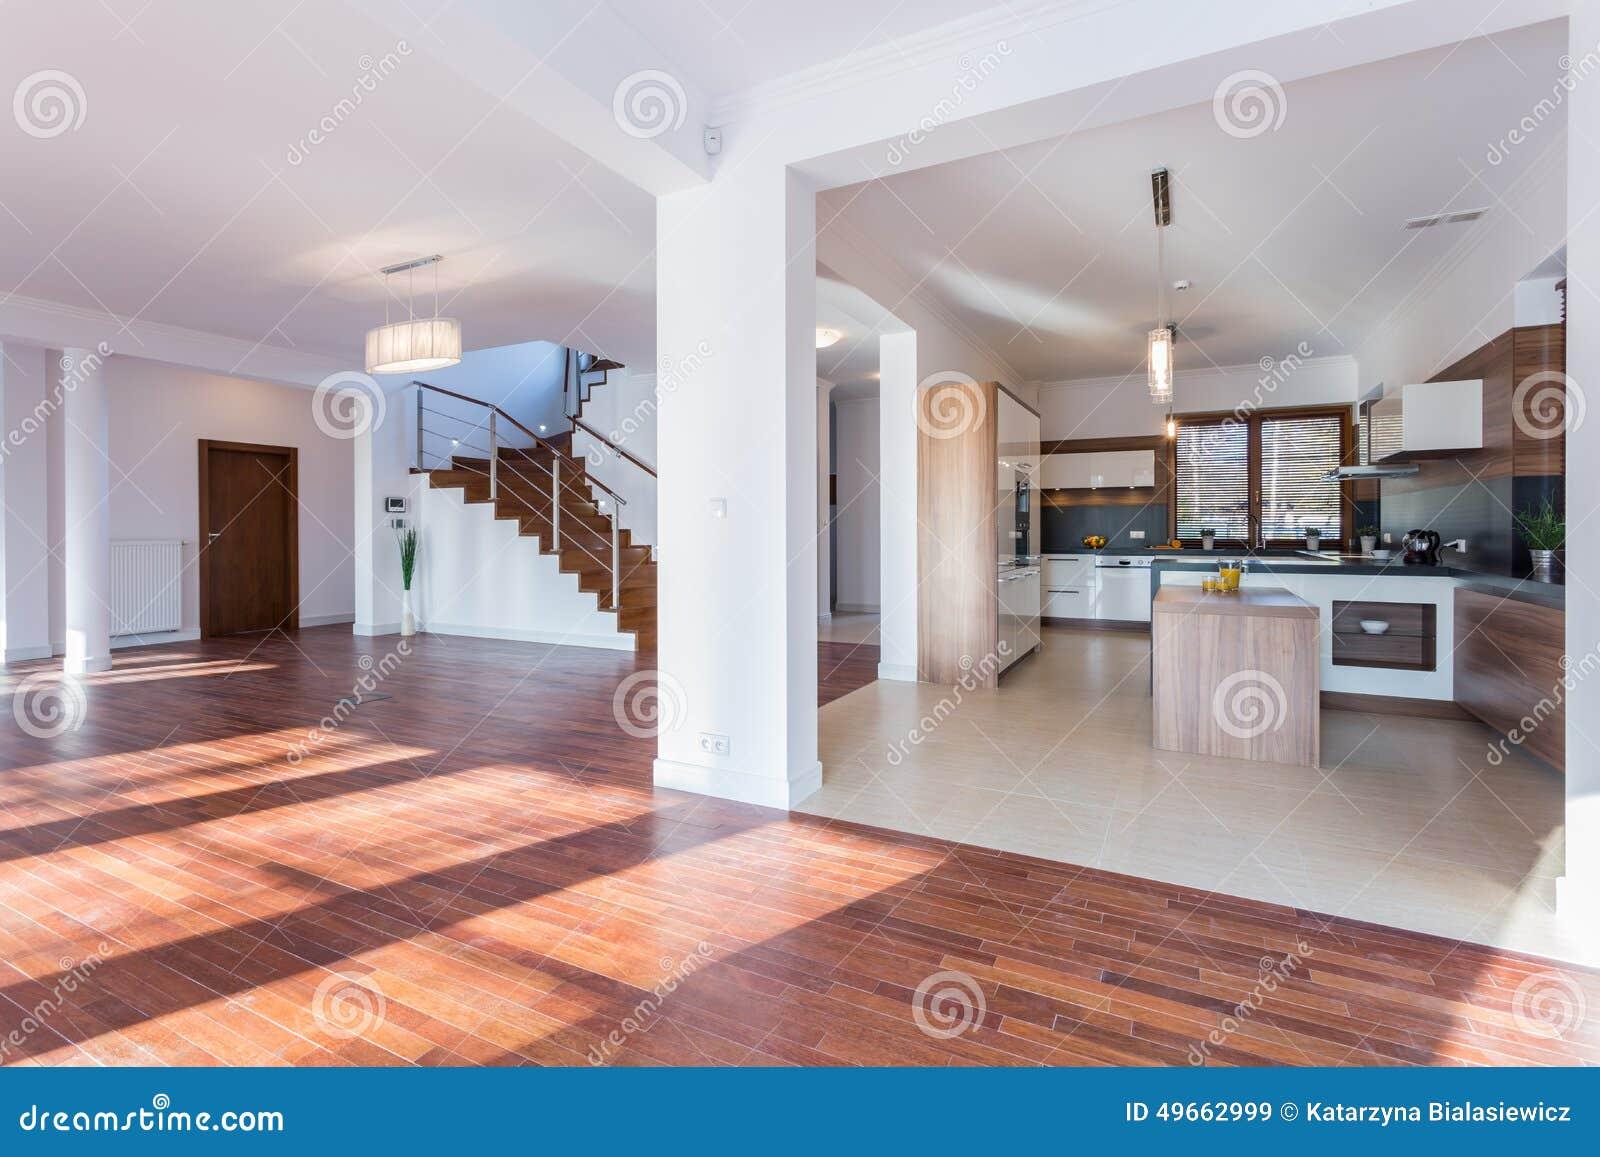 Corridoio spazioso e cucina aperta immagine stock immagine di